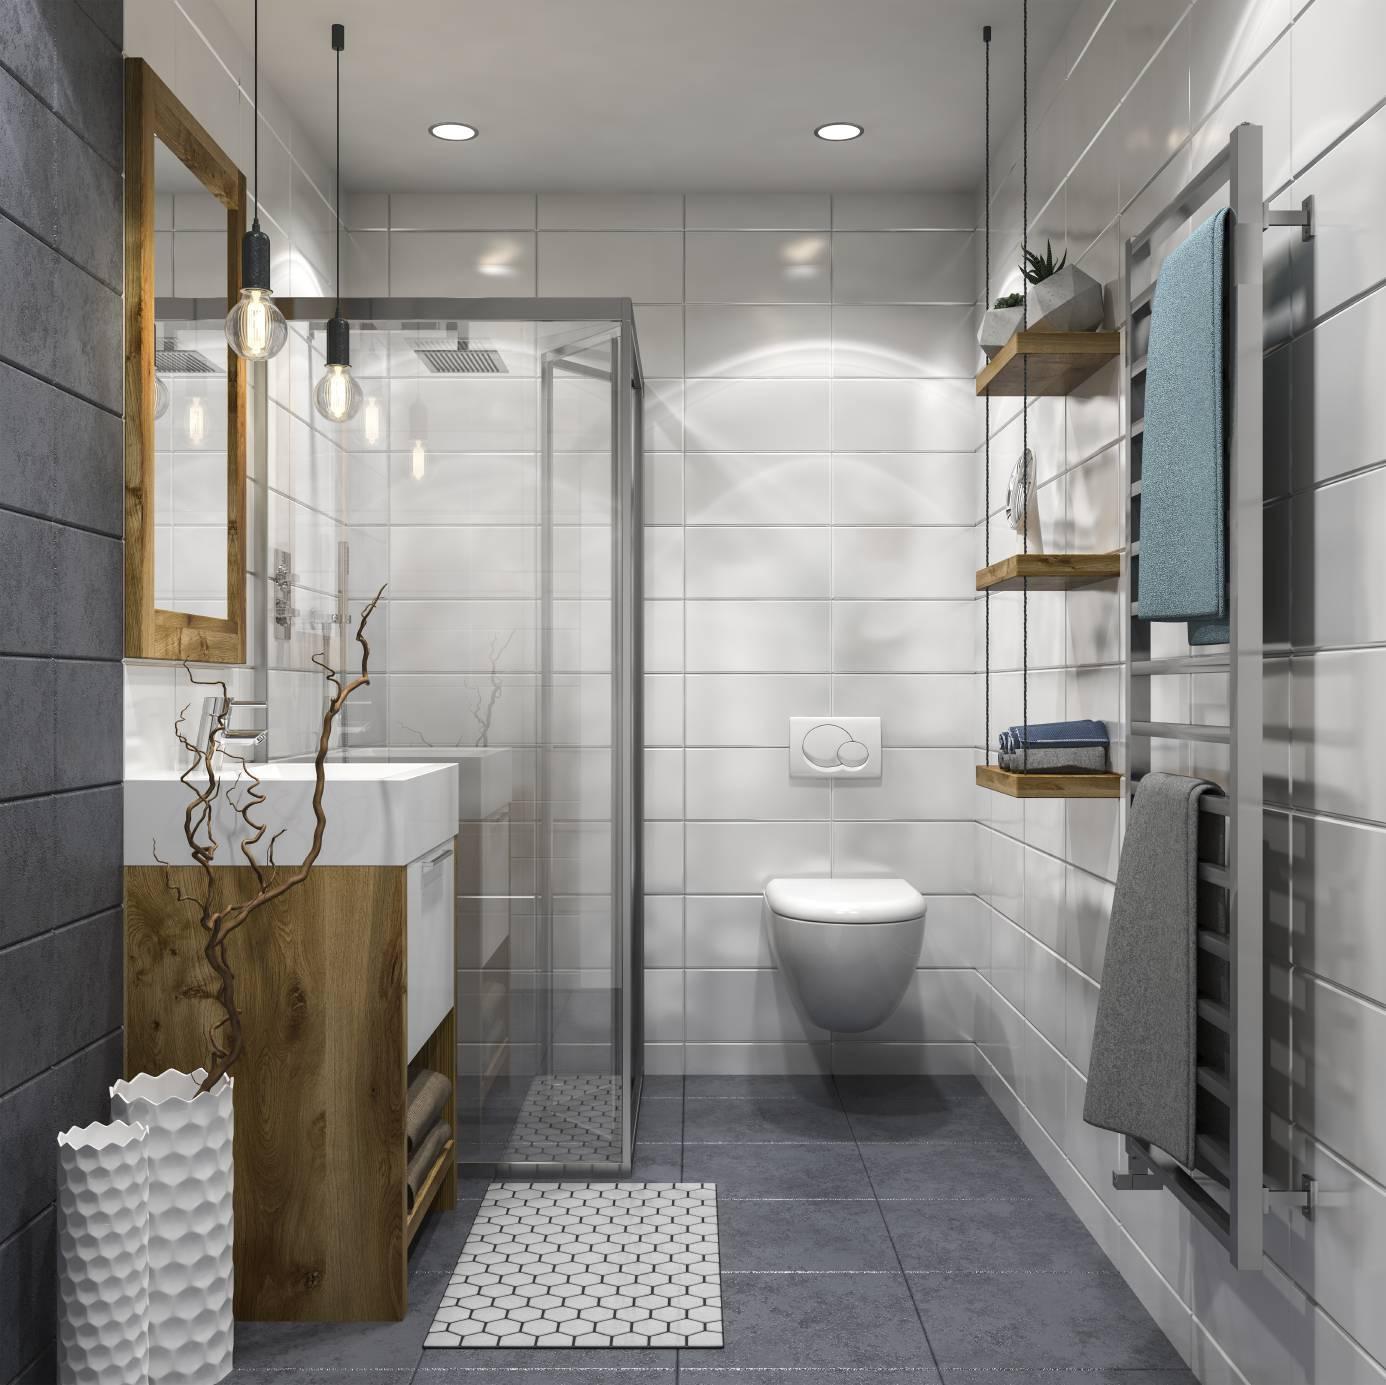 Conseils pour l 39 clairage de votre salle de bains for Zellige marocain salle de bain